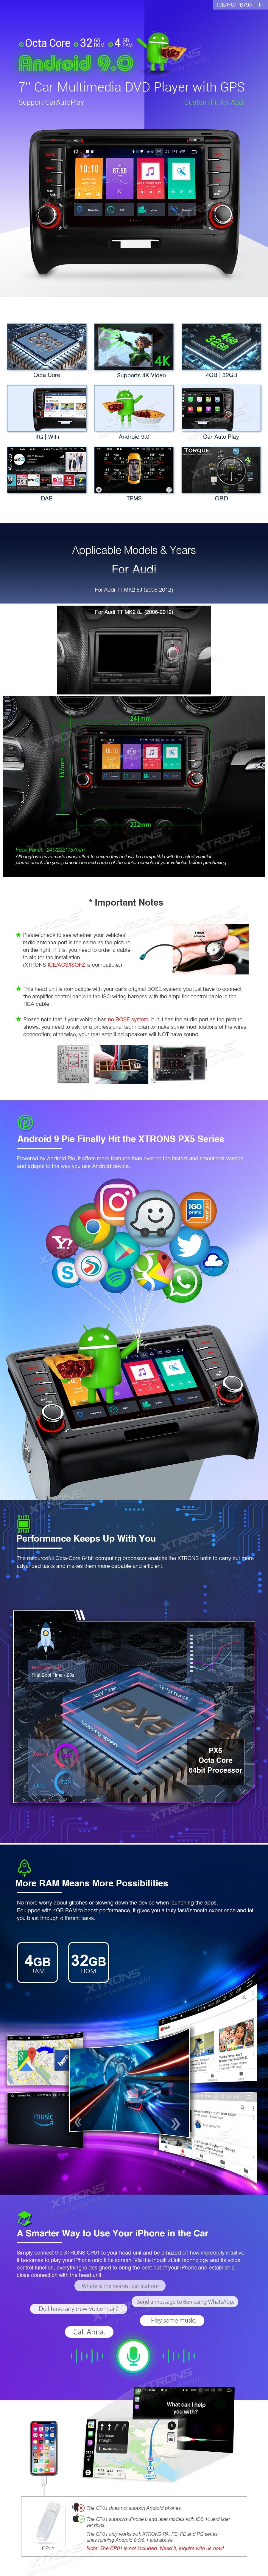 Audi | TT | Android 9 0 | PB79ATTIP